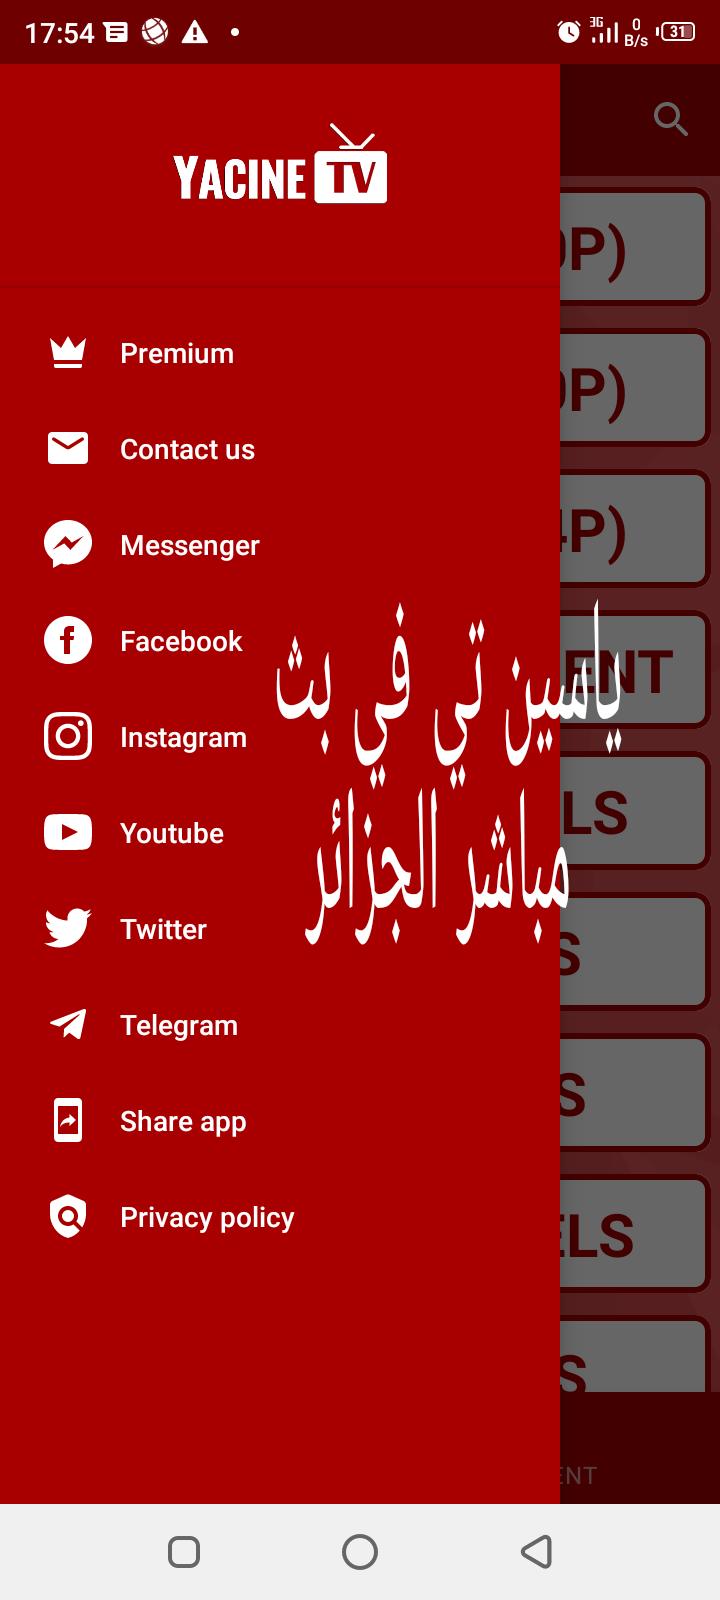 تحميل ياسين تيفي Yacine TV 2021 بث مباشر [Yasin TV]